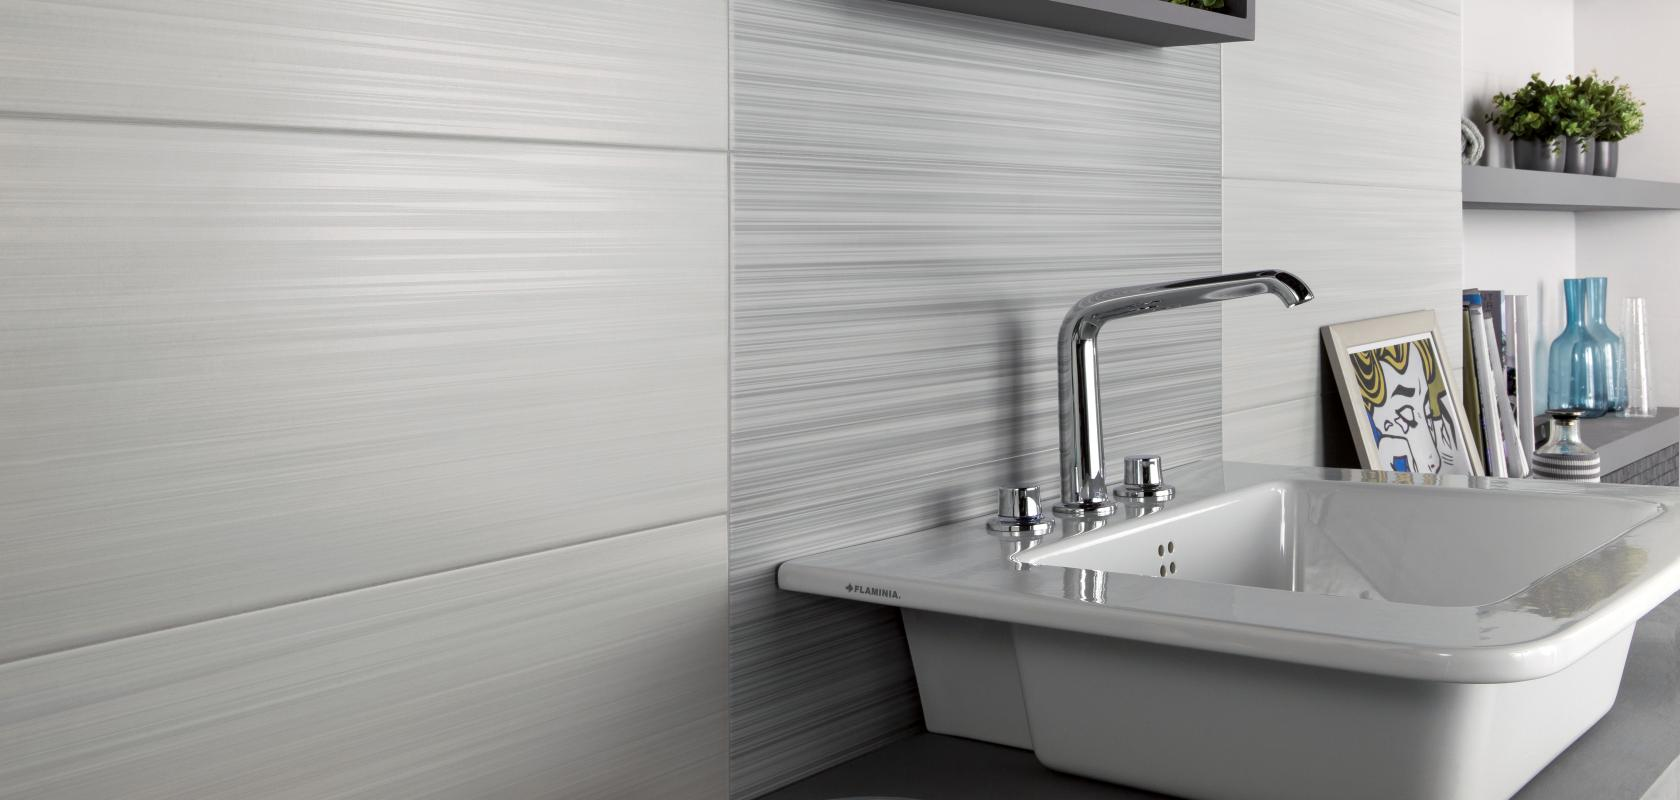 Scegli rivestimenti supergres da cirelli arredo bagno for Cirelli arredo bagno